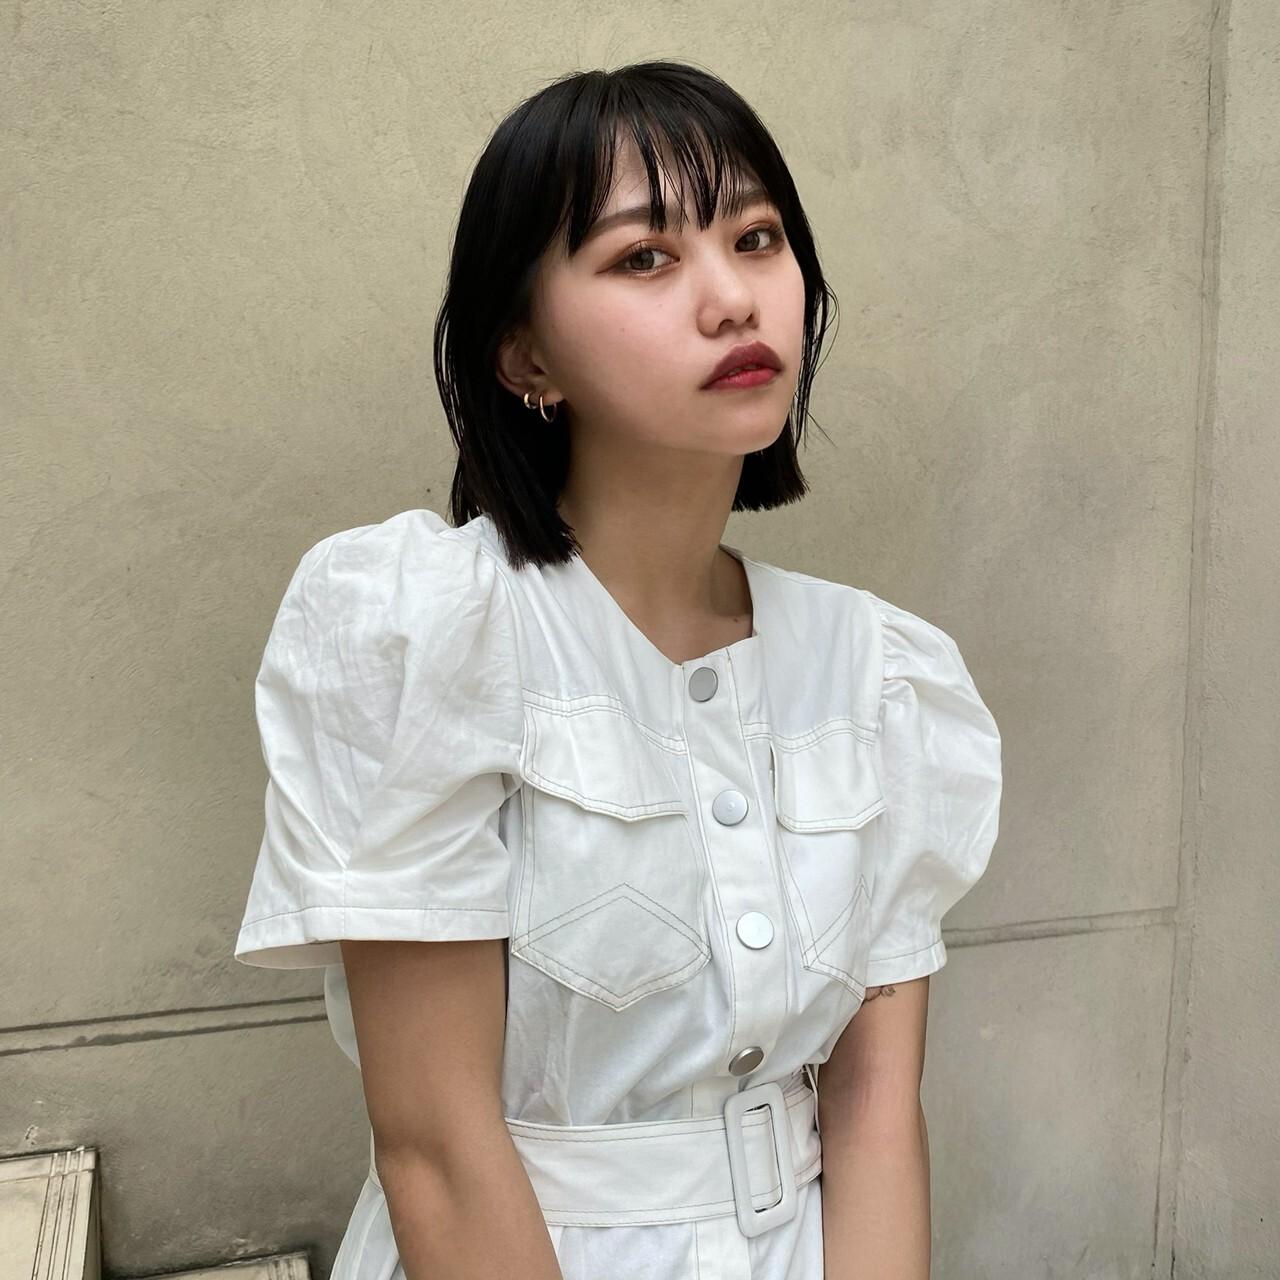 【Belle】stitch onepiece / white